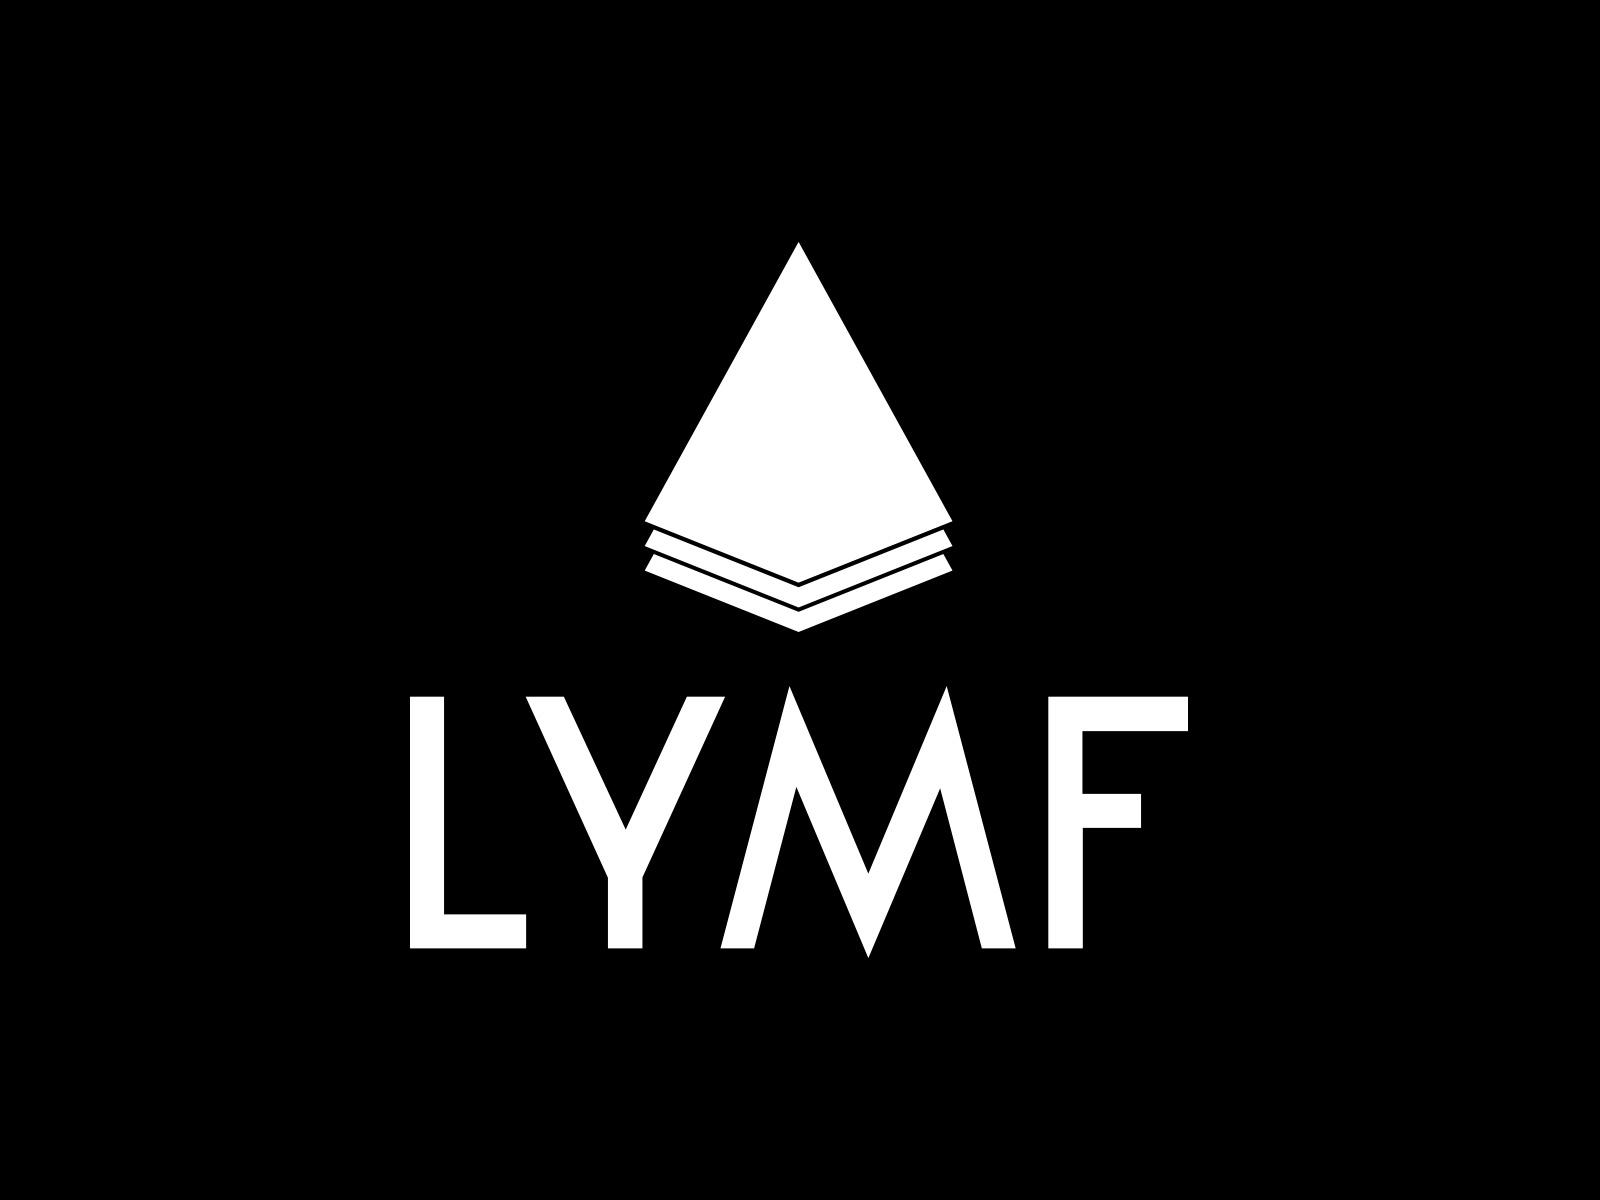 lymf-2